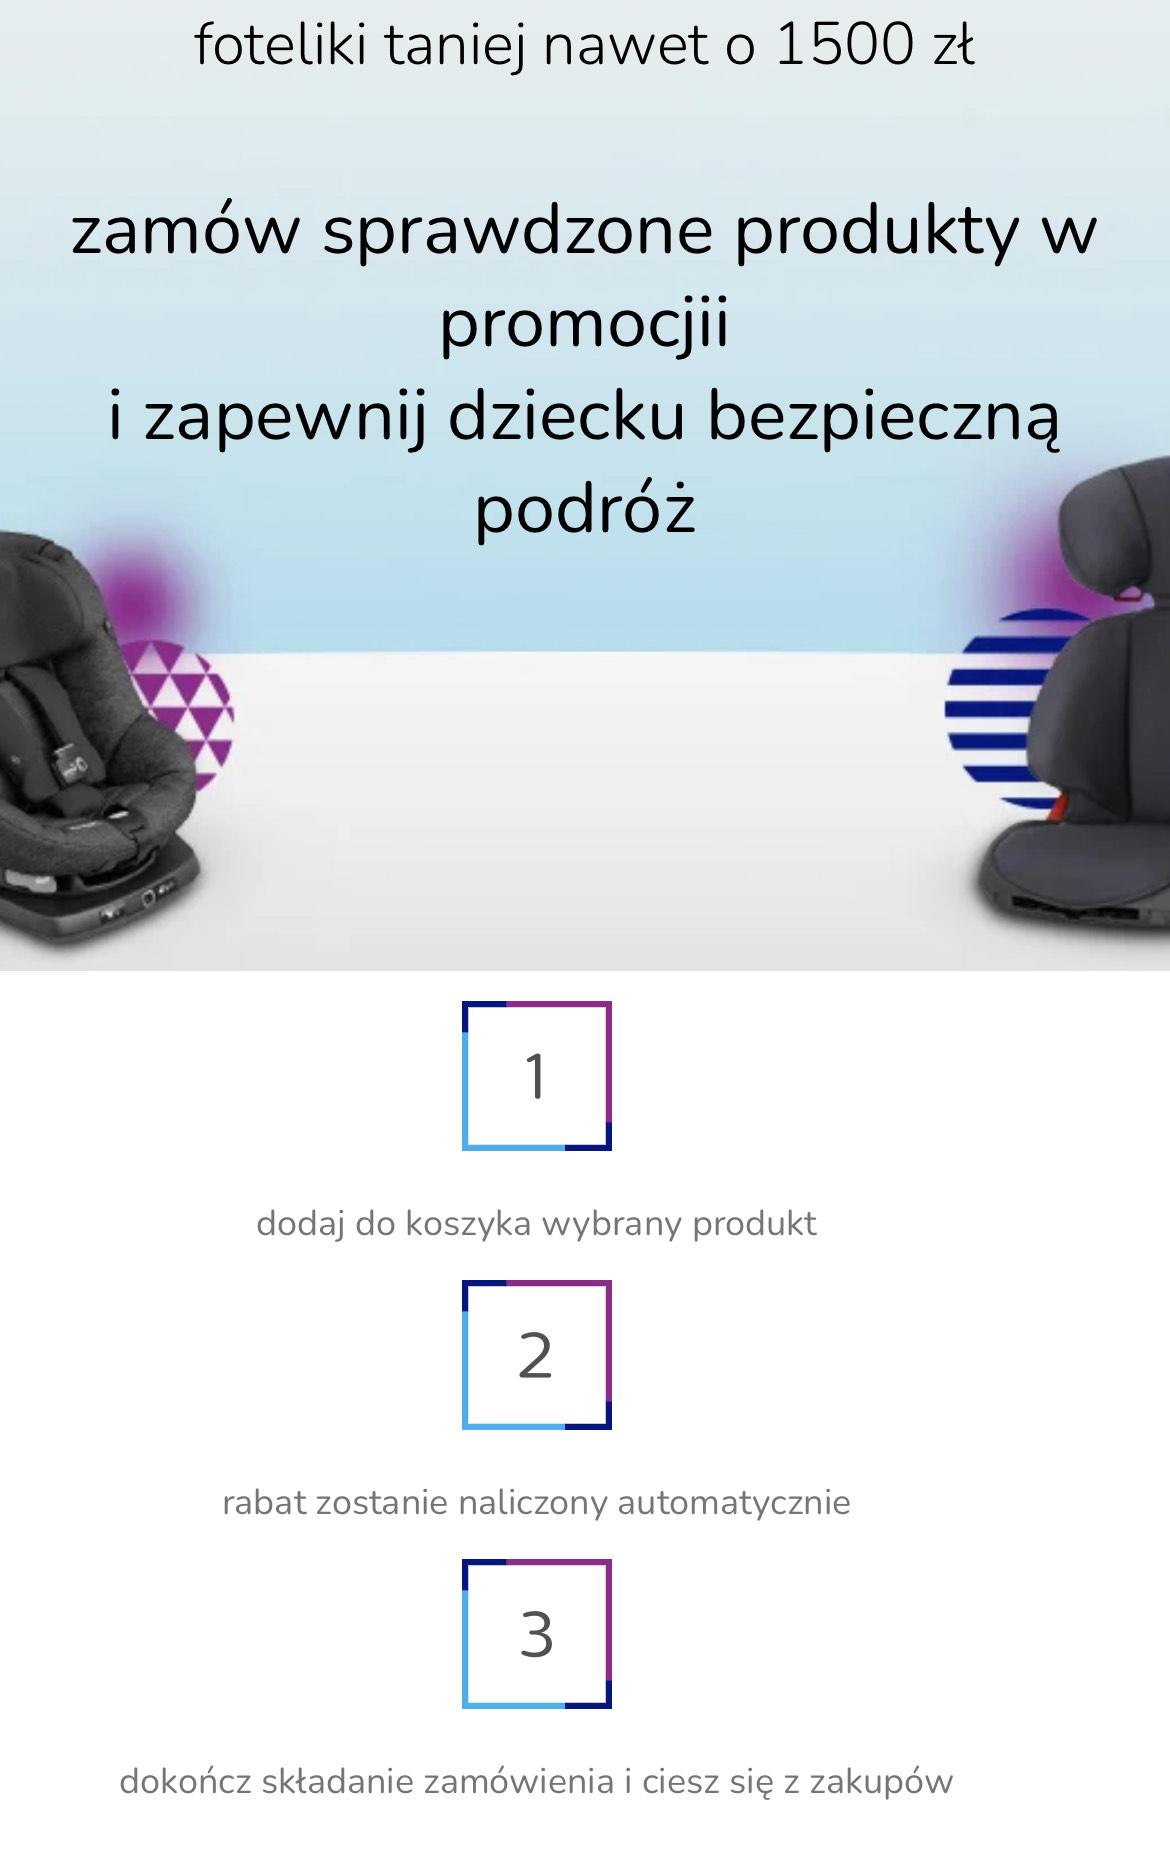 Zbiorcza, aplikacja al.to: foteliki taniej o nawet 1500 zł